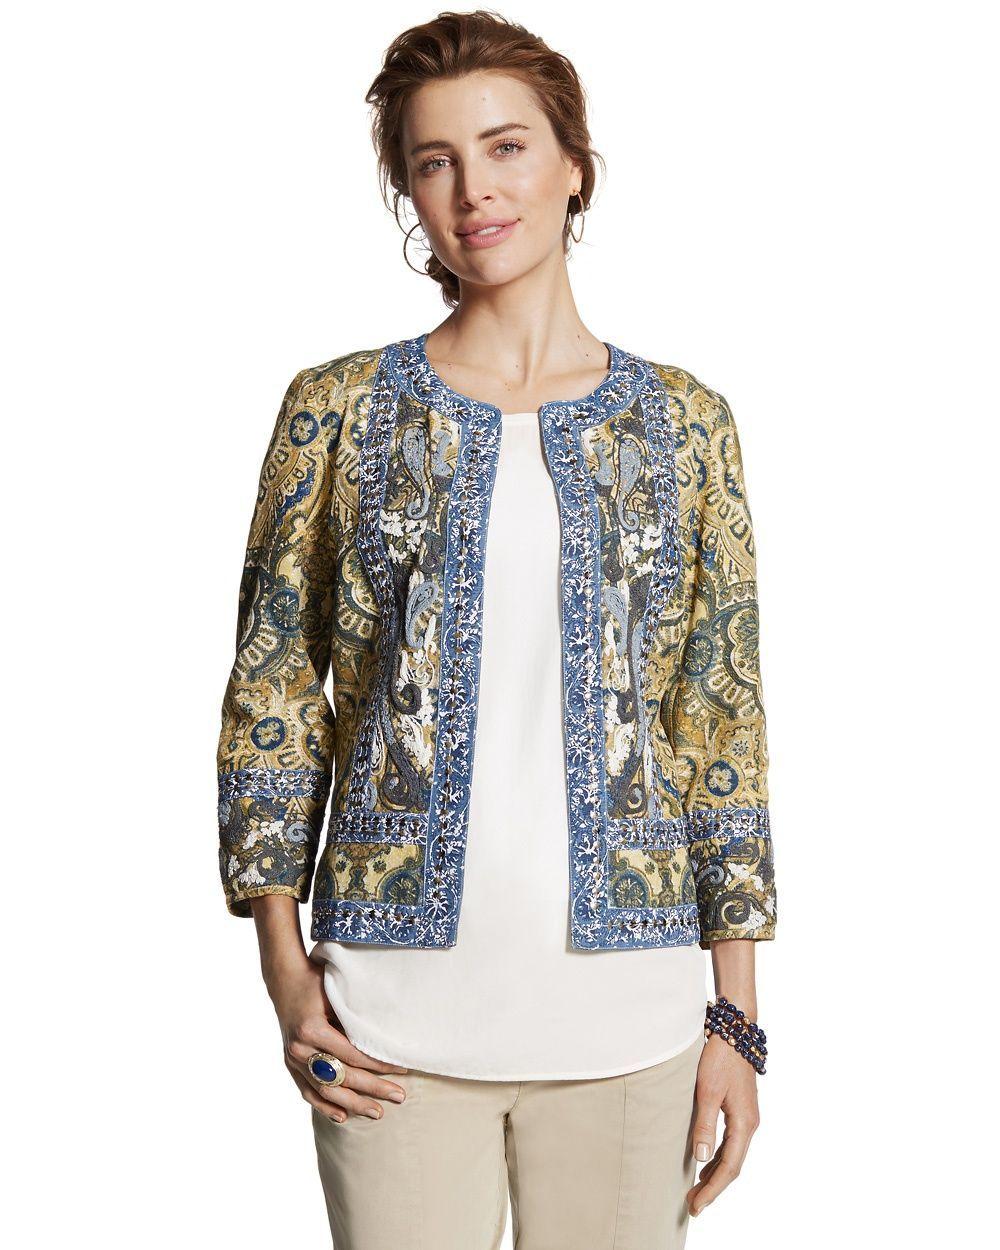 Chico's Women's Pawleys Island Jacket, Viking Blue, Size: 2 (12/14, M)